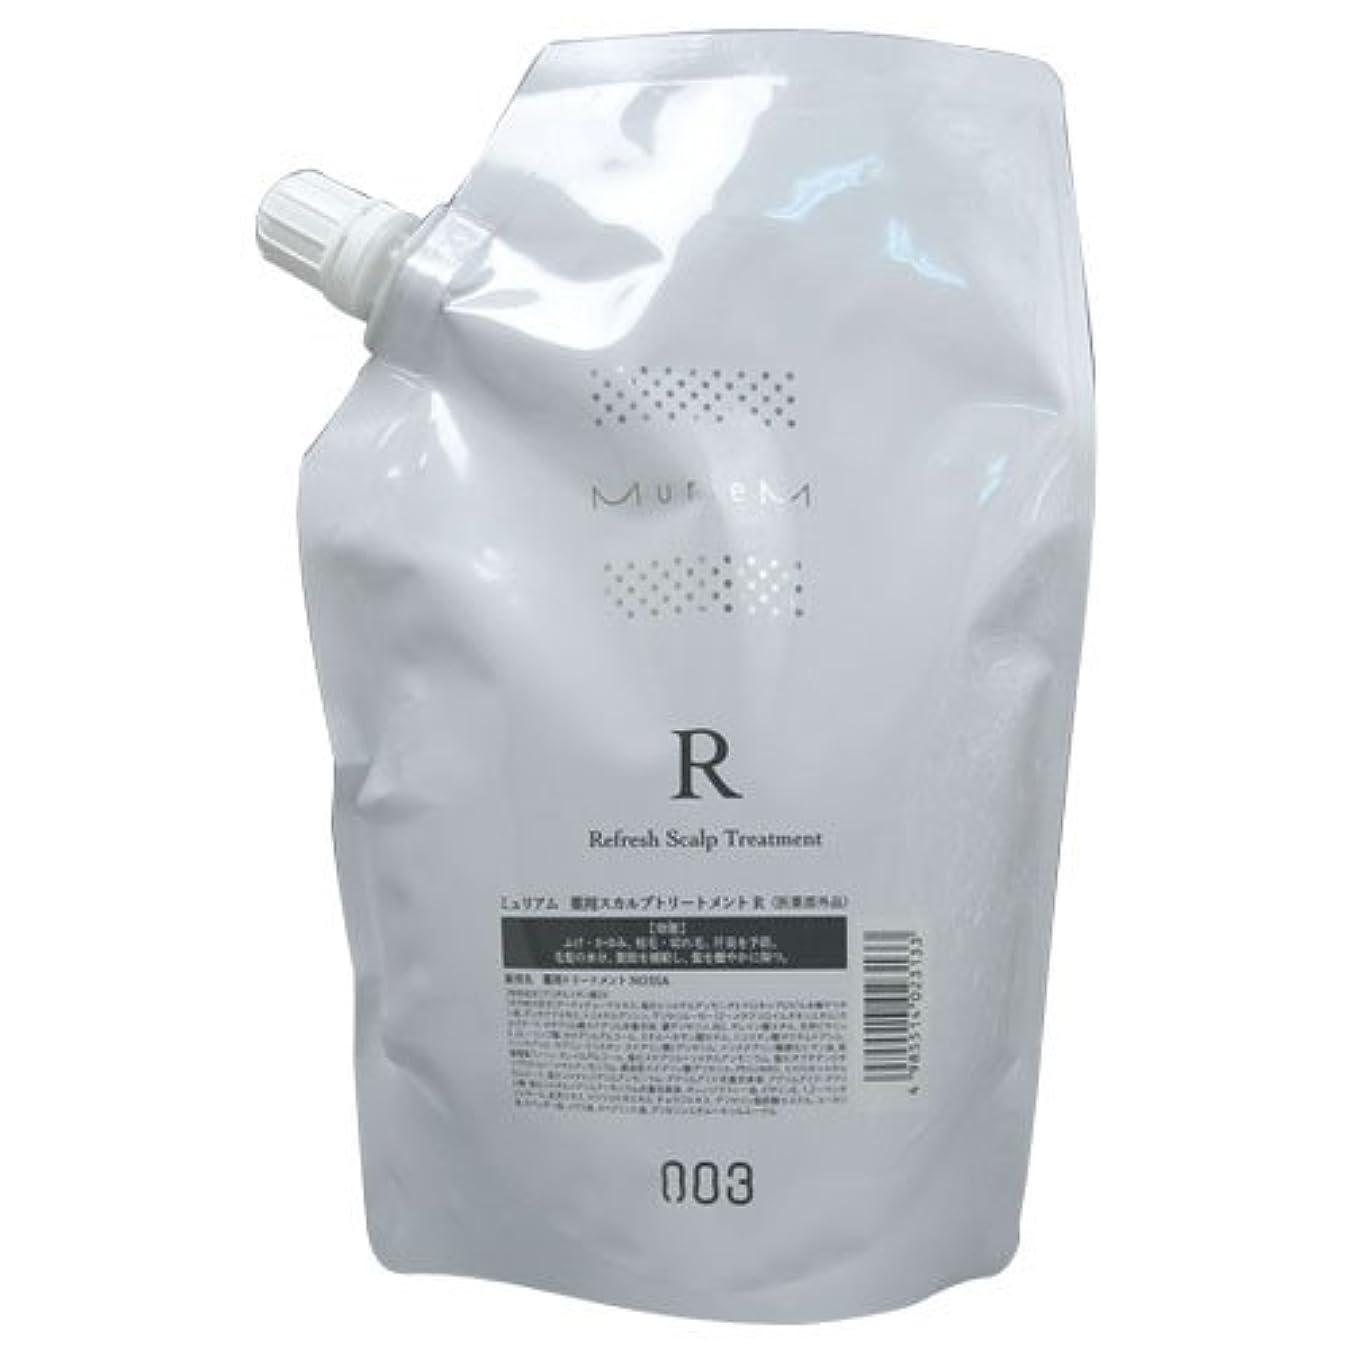 影響力のある不適当小数ナンバースリー ミュリアム 薬用スカルプトリートメントR 500g レフィル